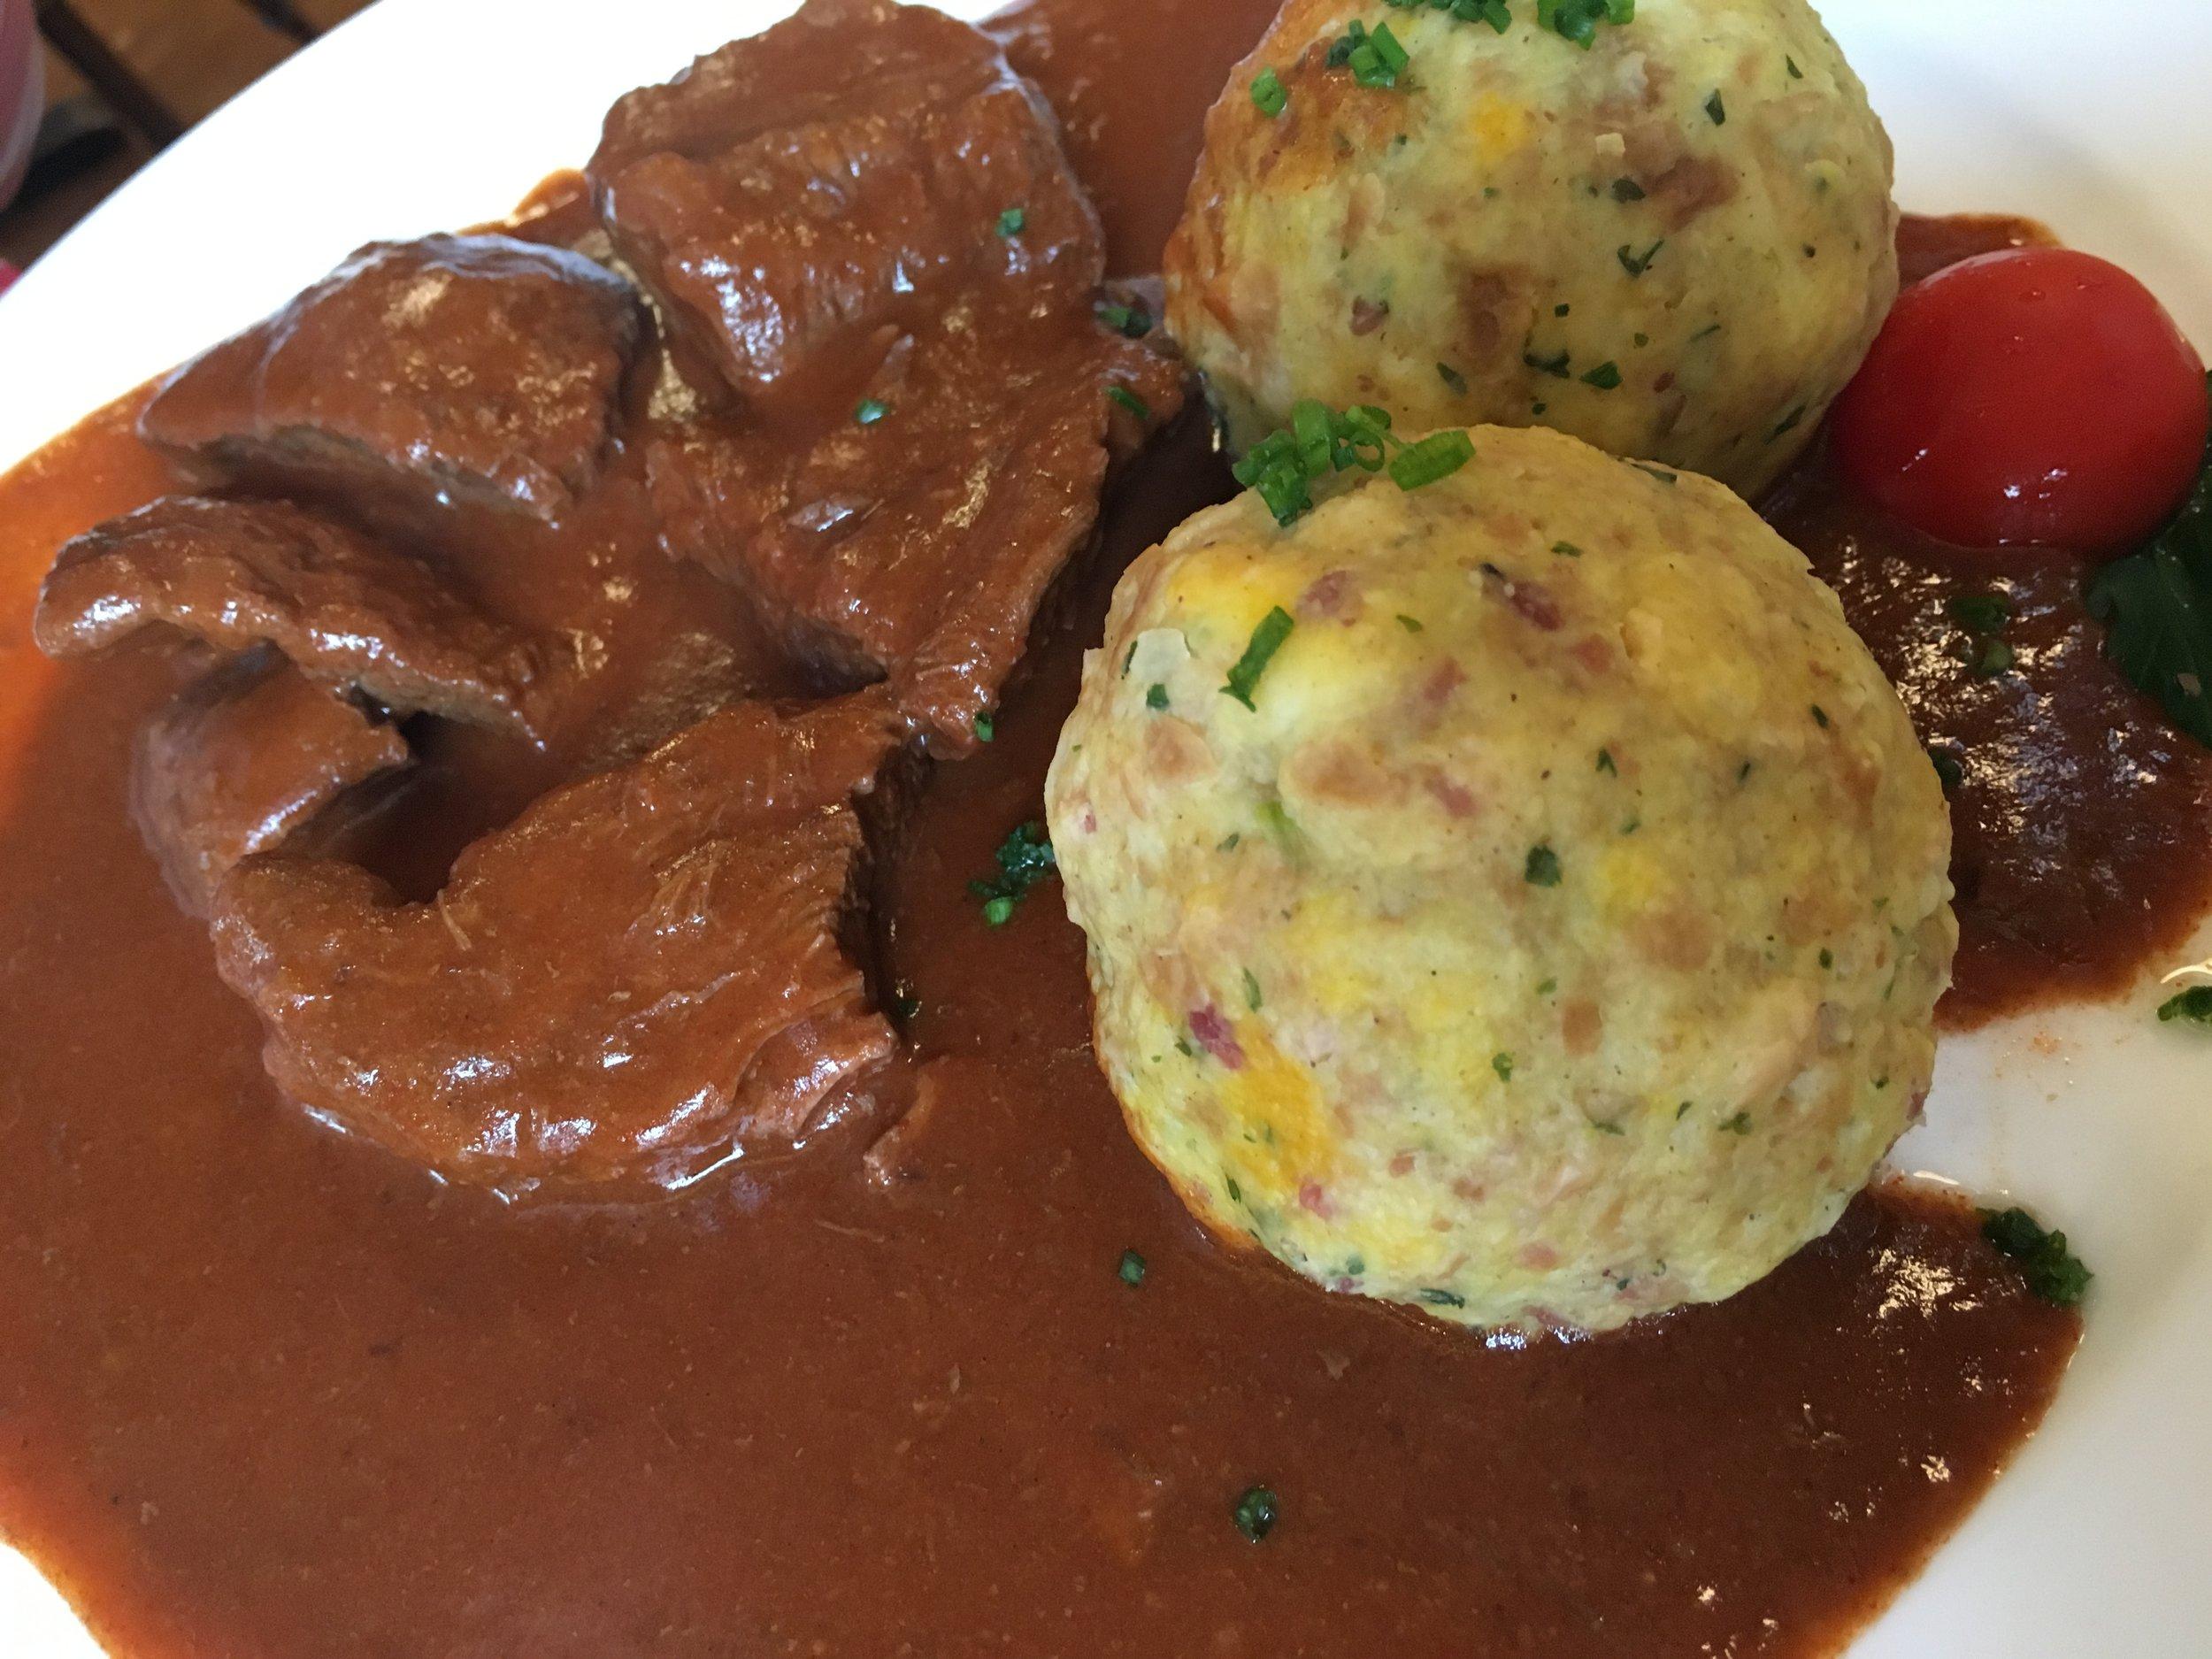 El acompañamiento típico en las comidas se conoce como Knödel. Parecido a una albóndiga pero preparado con leche, huevo, harina y muchas veces speck (tocineta ahumada) o queso. Aquí acompañado de Gulash, una receta húngara para carne guisada.   ¡Probamos varias recetas y la que tiene tocineta fue nuestra favorita! Foto: Bruny Nieves